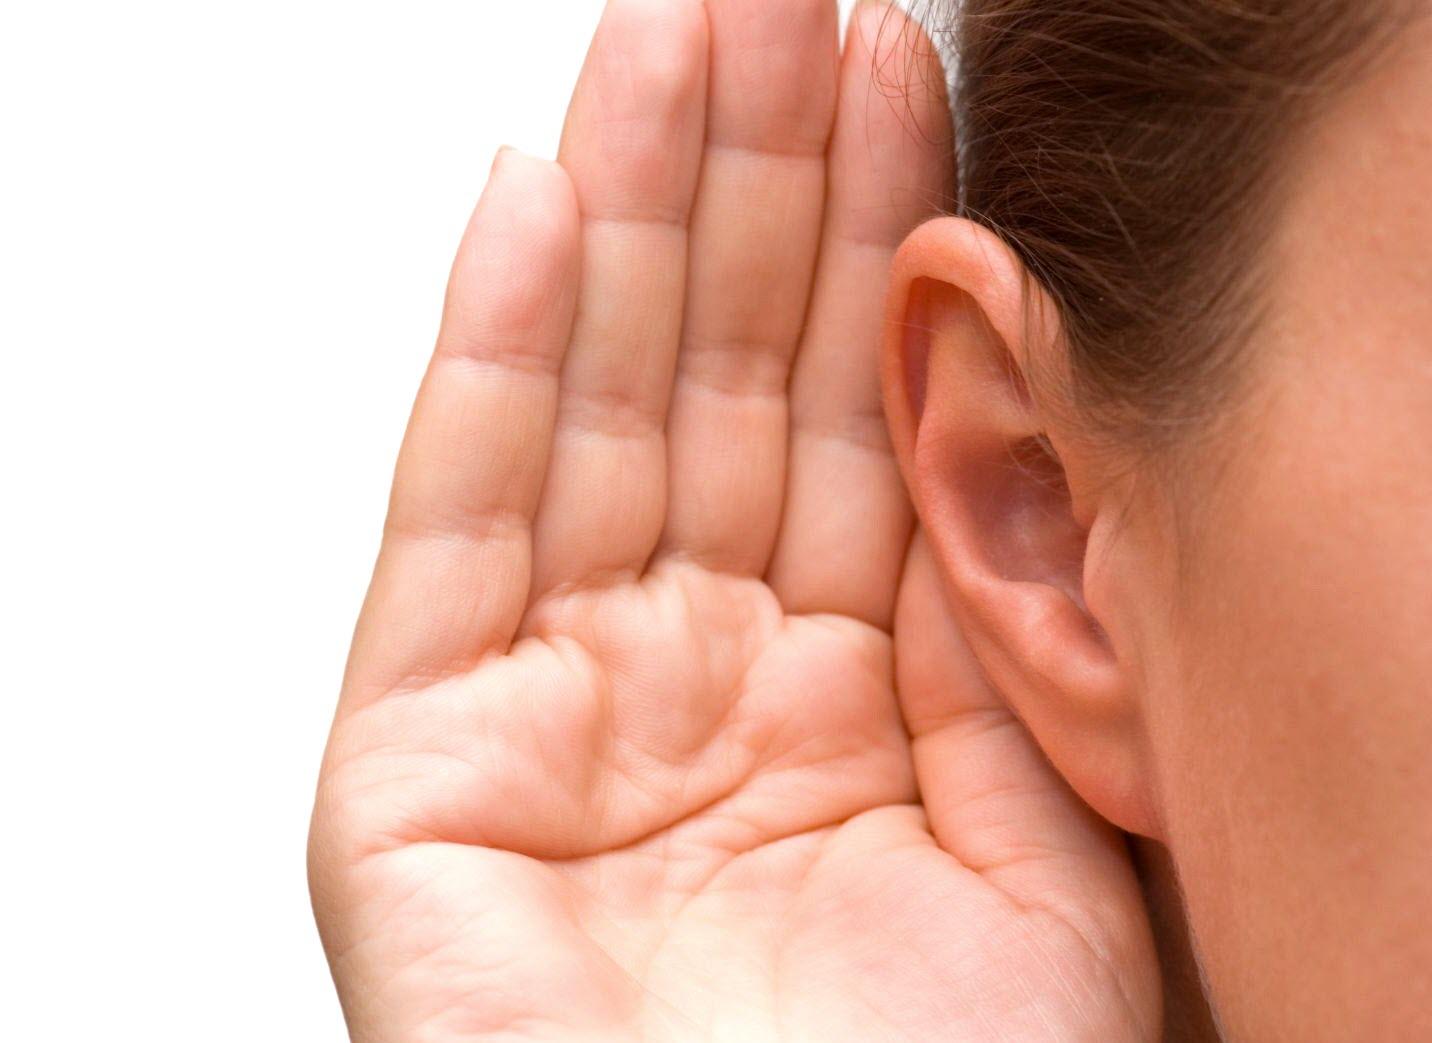 Fotos de oidos lastimados